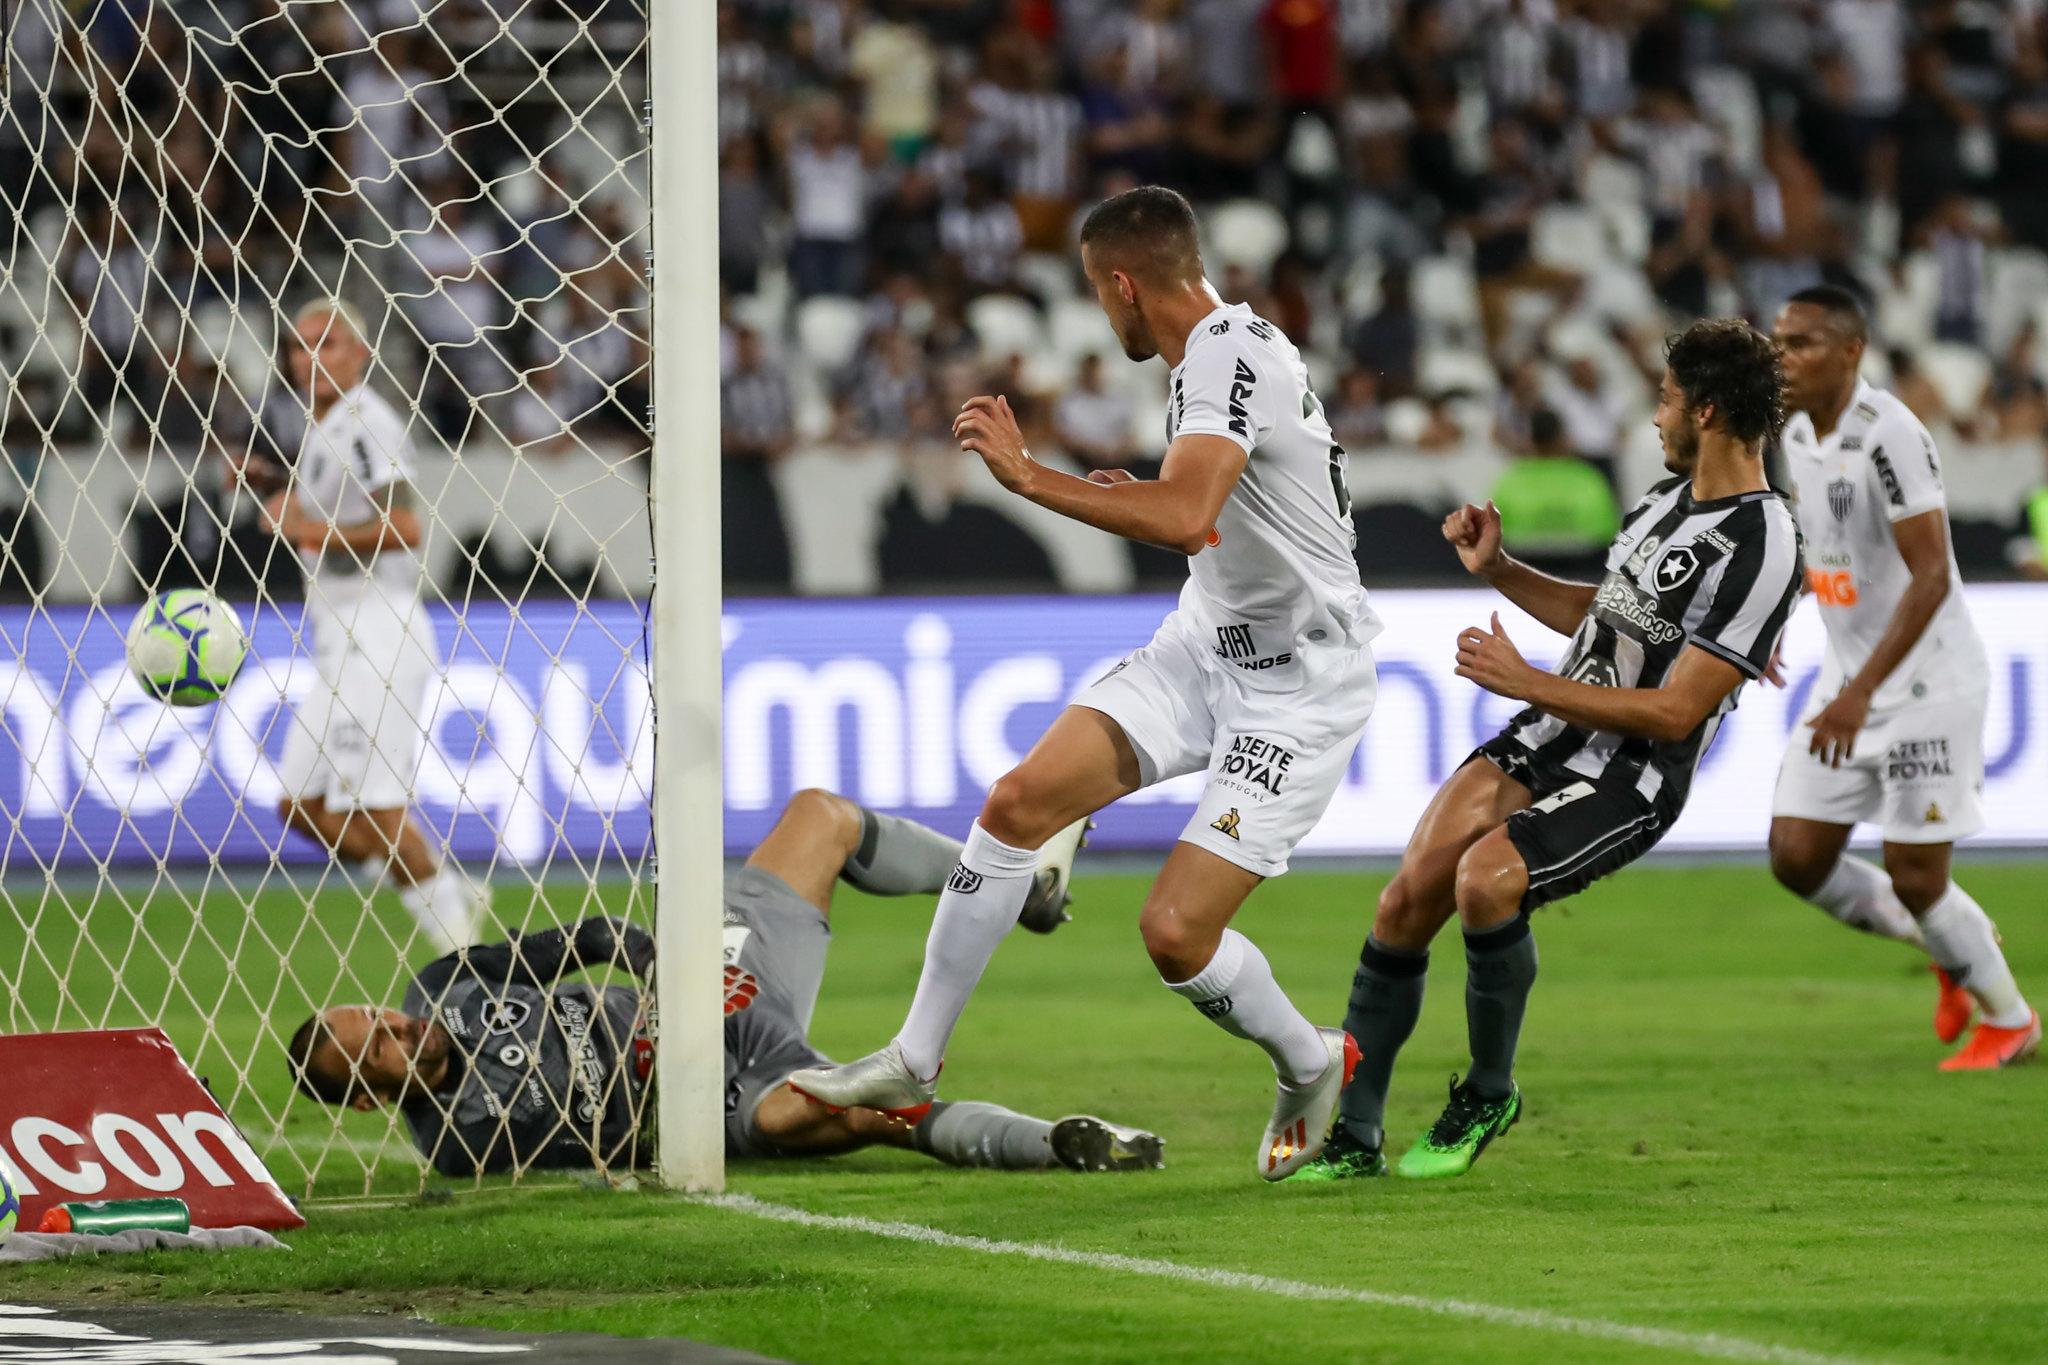 Jogo entre Botafogo x Atletico-MG no Estádio Nilton Santos pelo Campeonato Brasileiro 2019. Foto: Bruno Cantini / Atlético